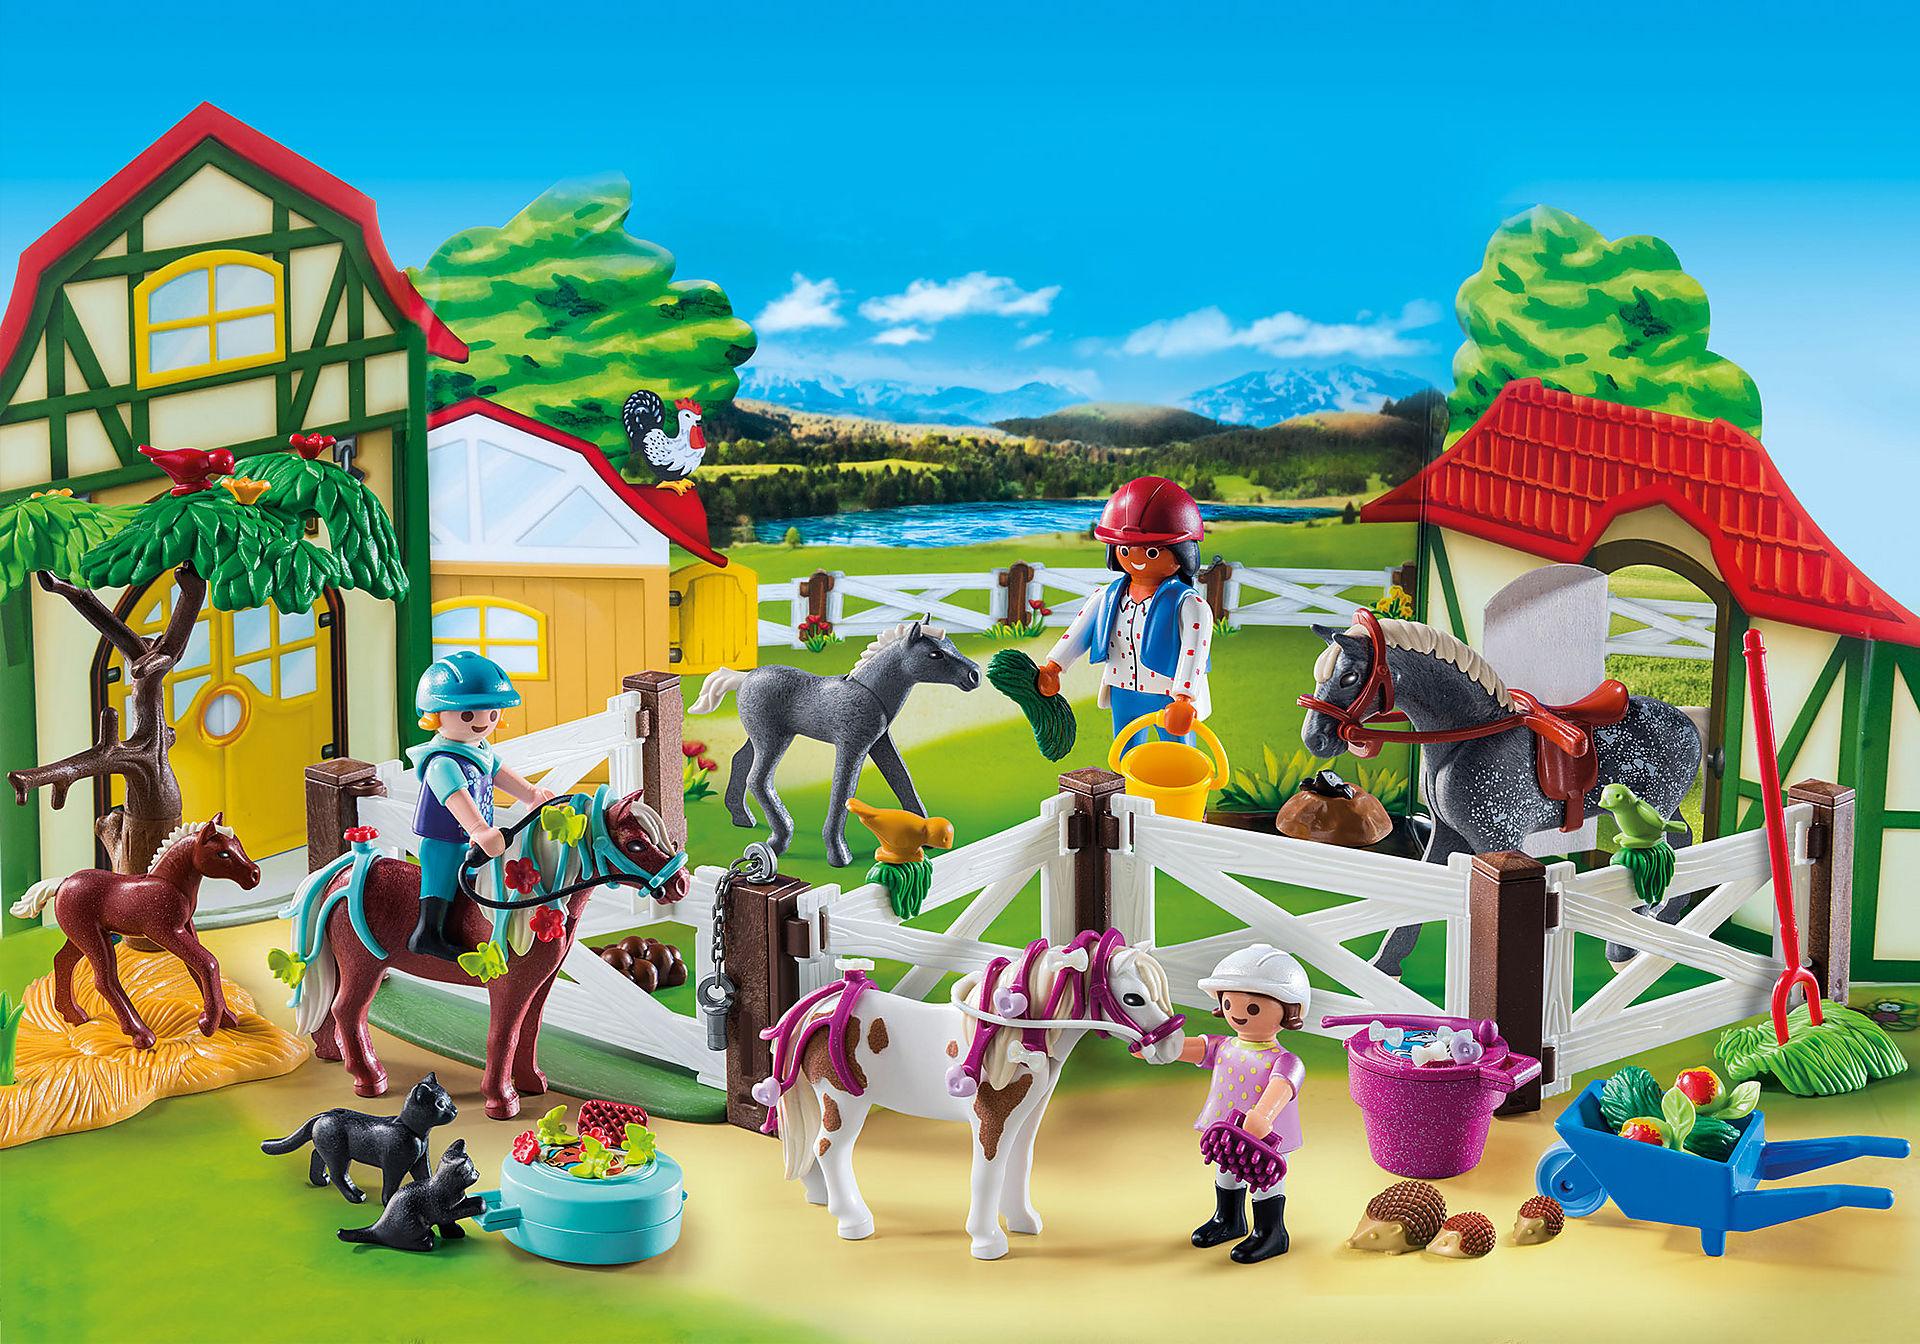 http://media.playmobil.com/i/playmobil/9262_product_extra1/Advent Calendar - Horse Farm